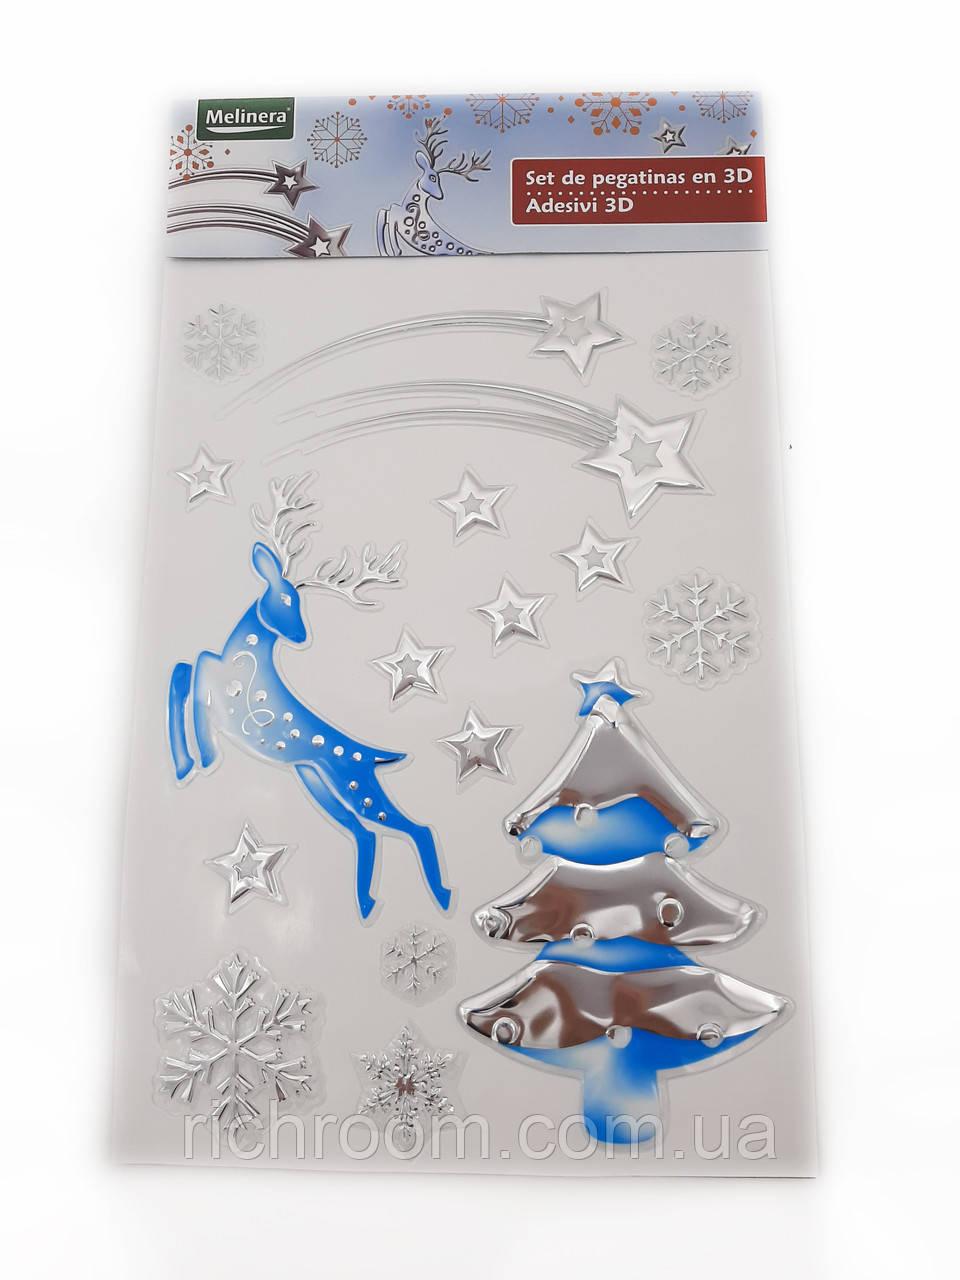 """Набор новогодних 3D наклеек """"Олень и елка"""",17 шт., Melinera наклейки новогодние 49 х 30 см"""